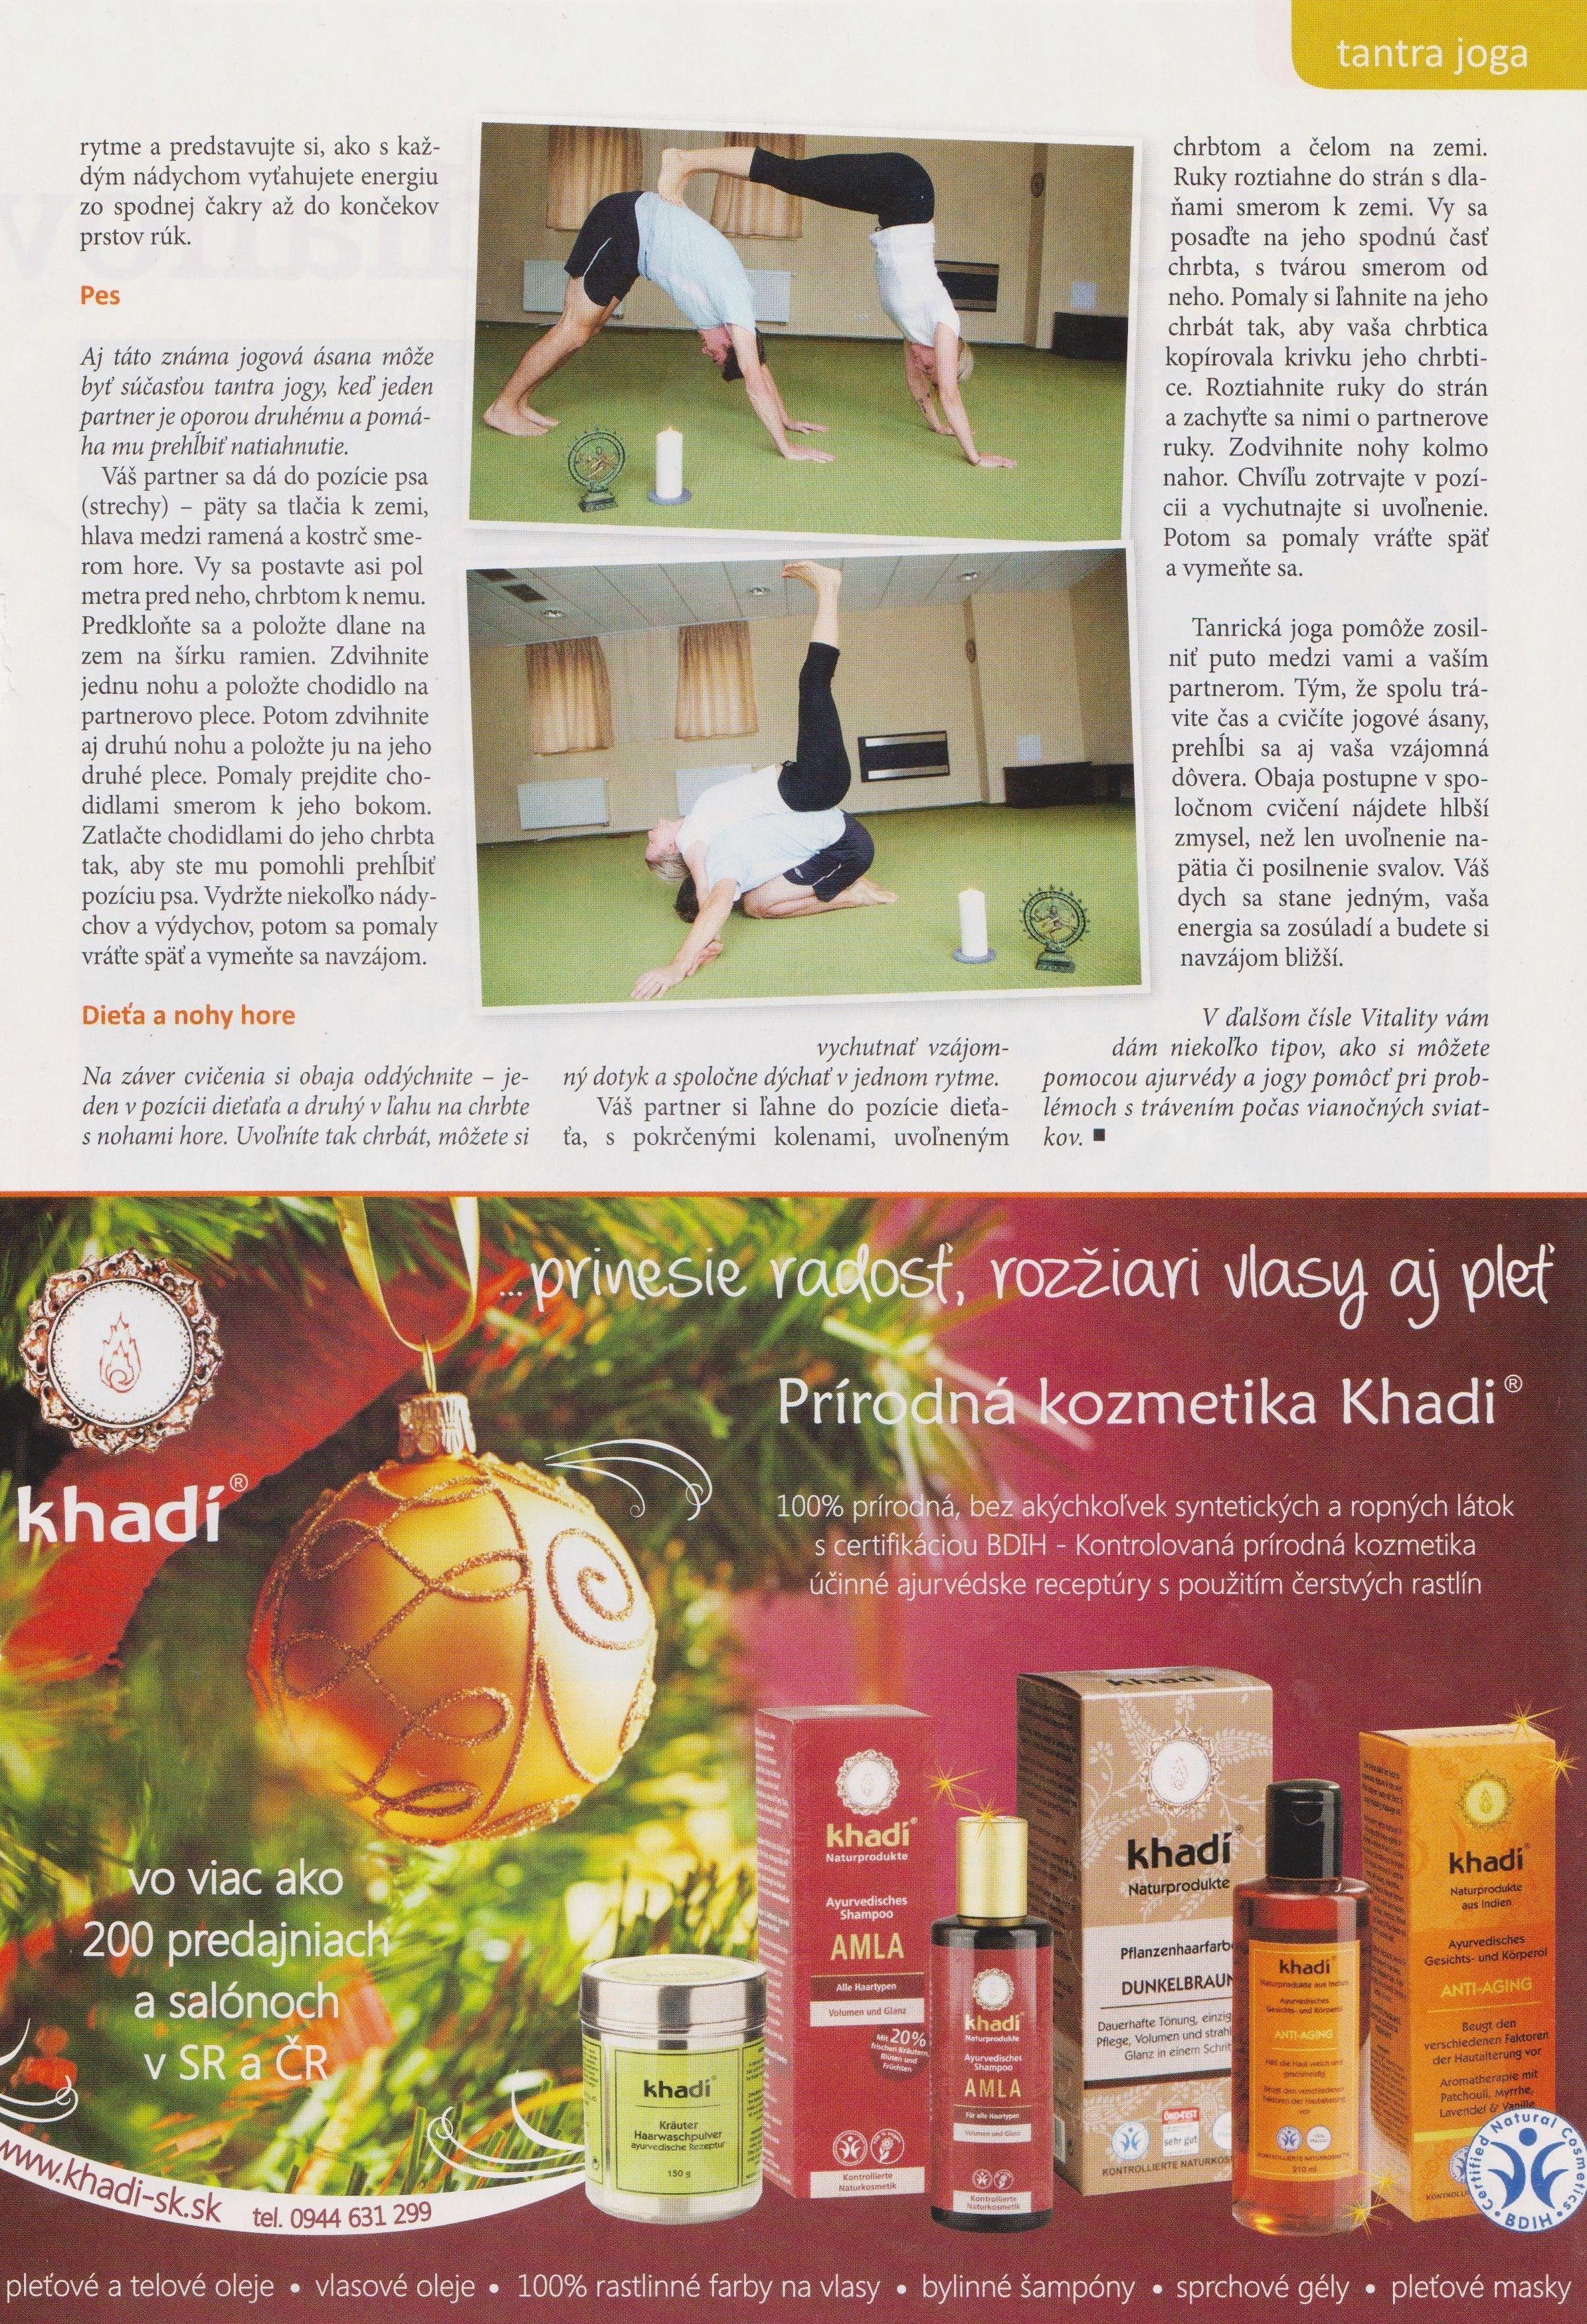 Vitalita 11_2014 - Partnerské pozície tantra jogy_str.2